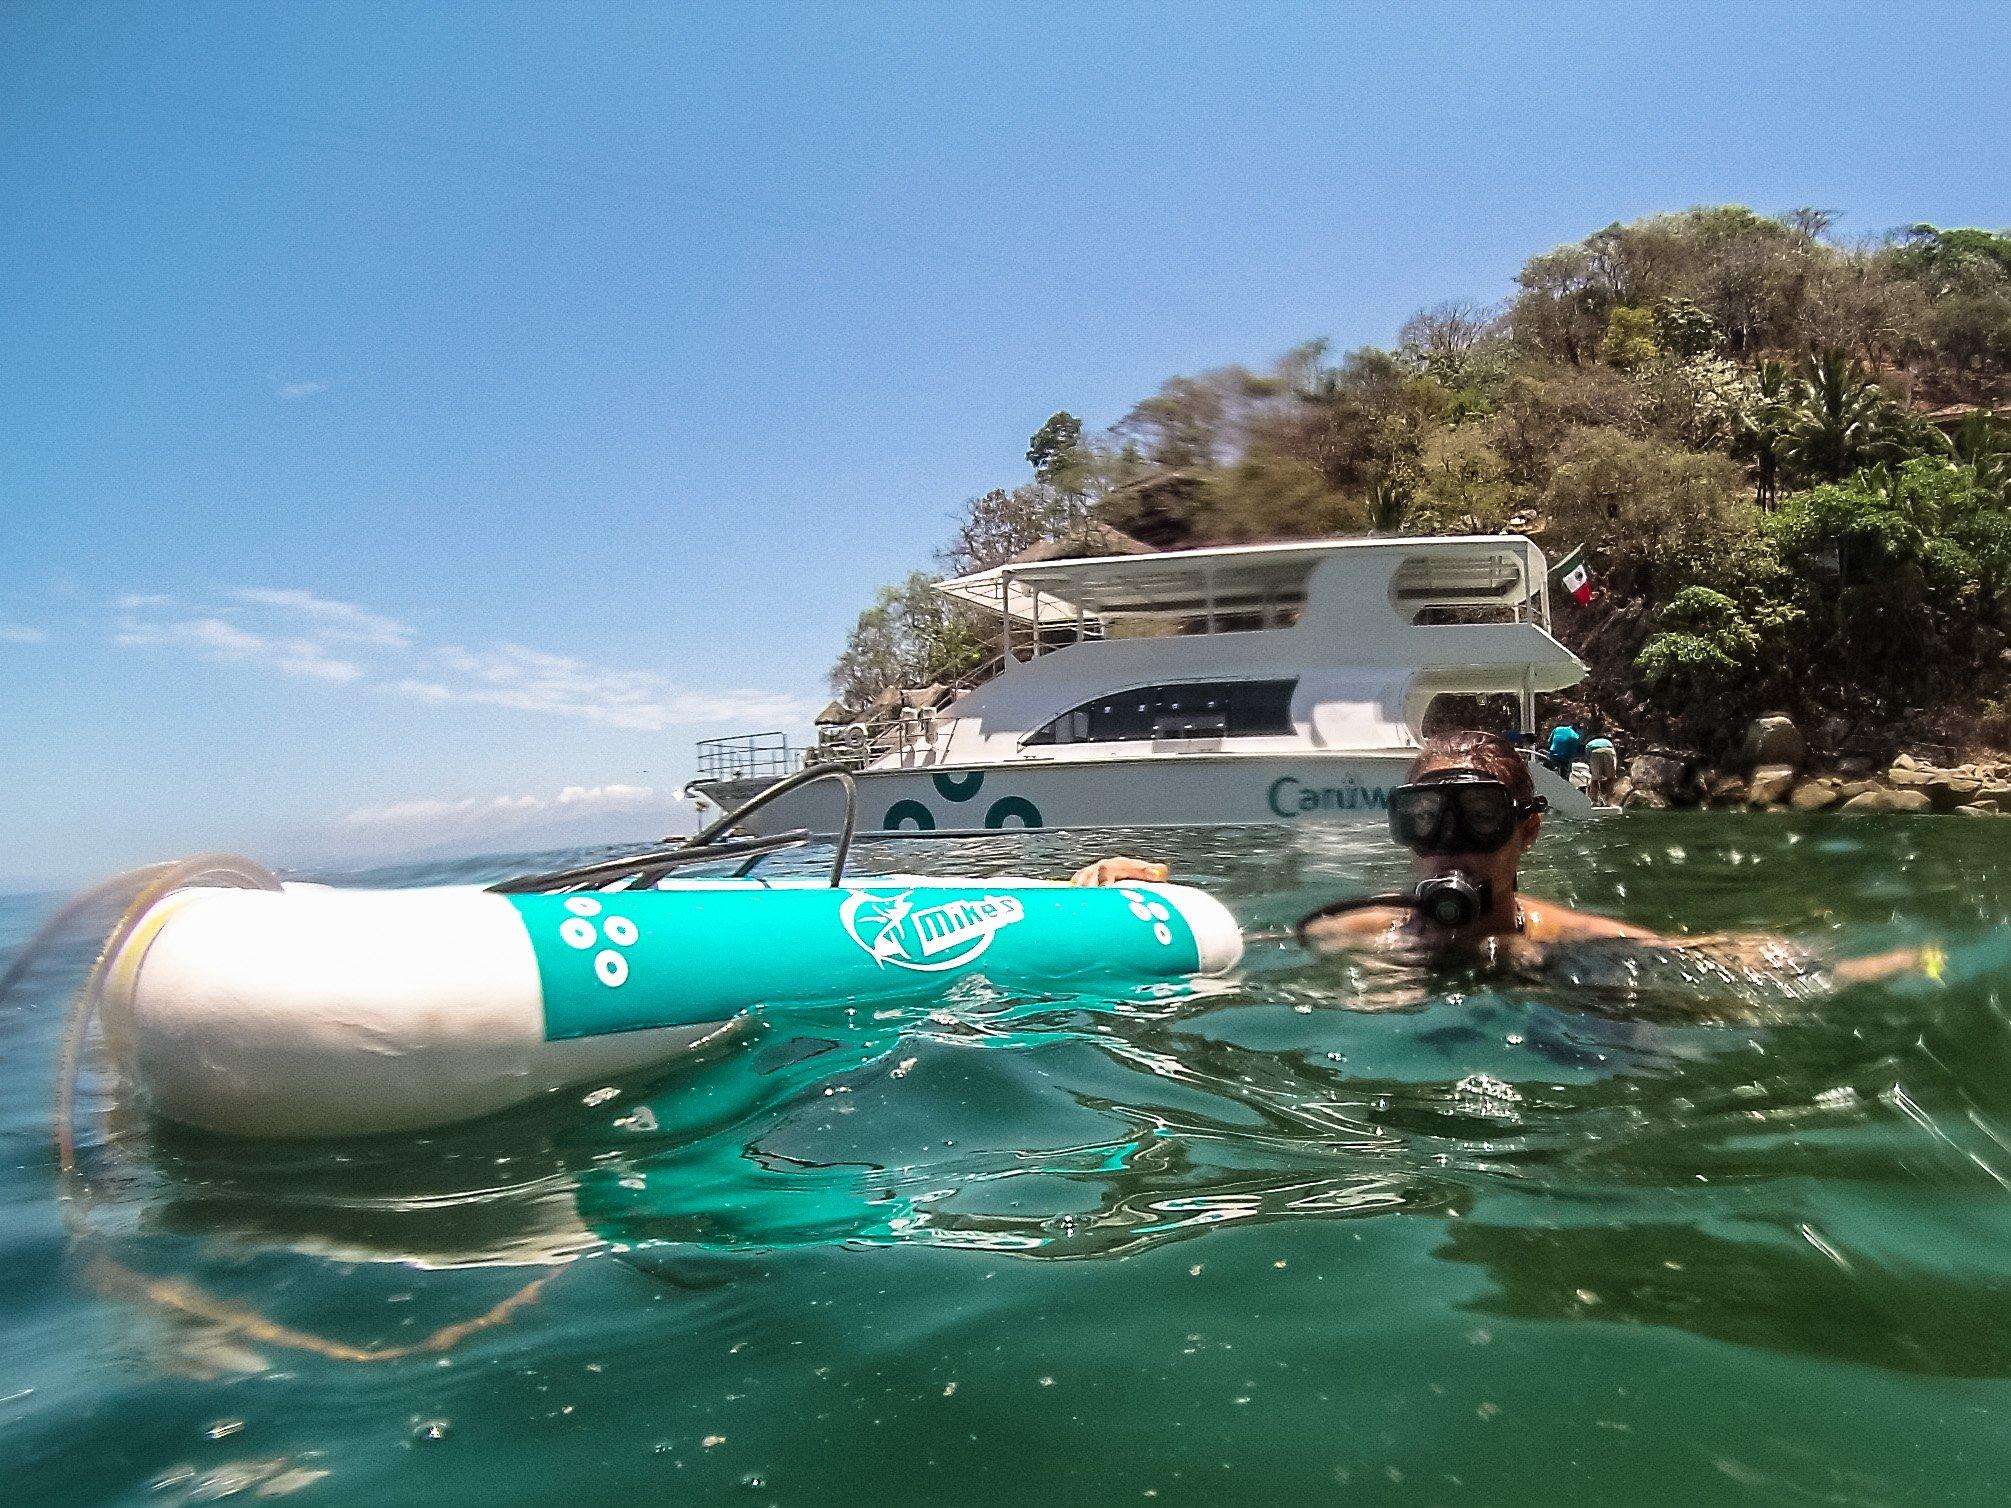 Sightseeing & Snorkeling Tour 1